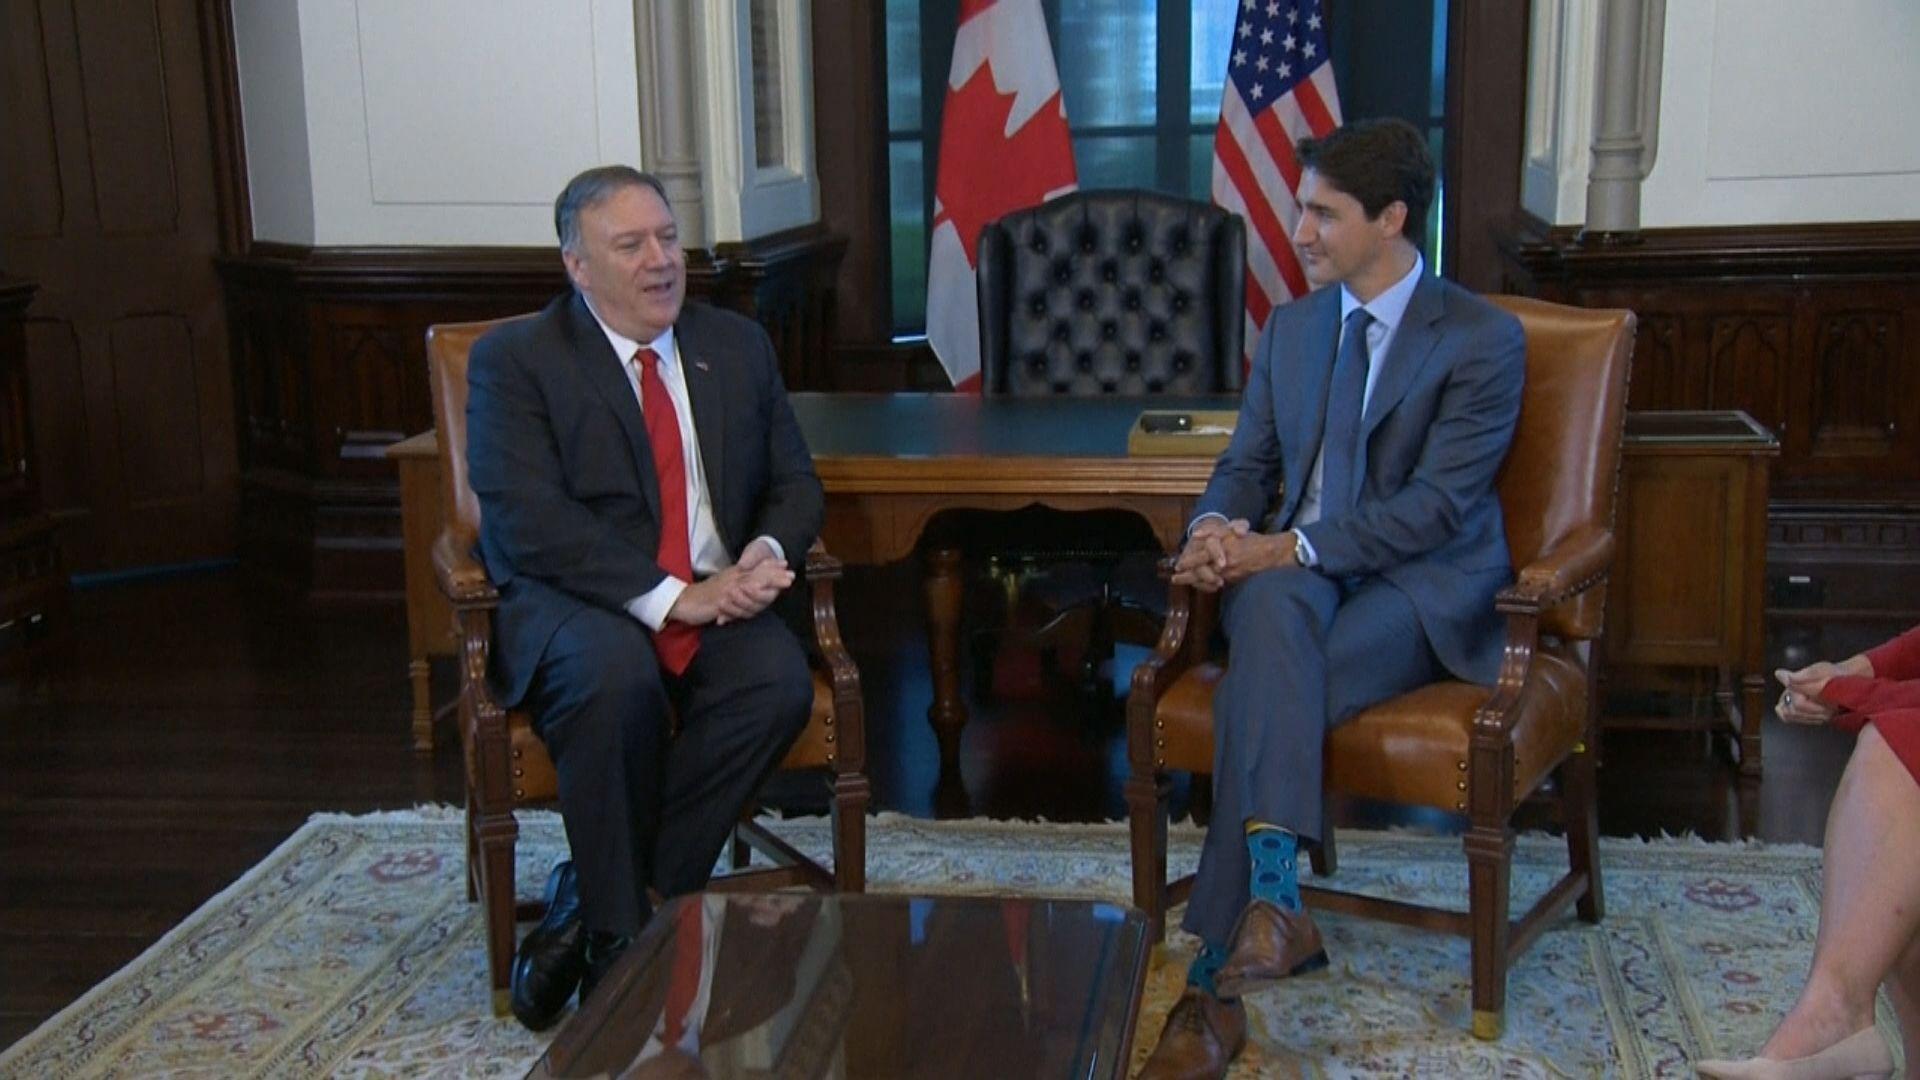 蓬佩奧批中國扣押兩加拿大人是錯誤